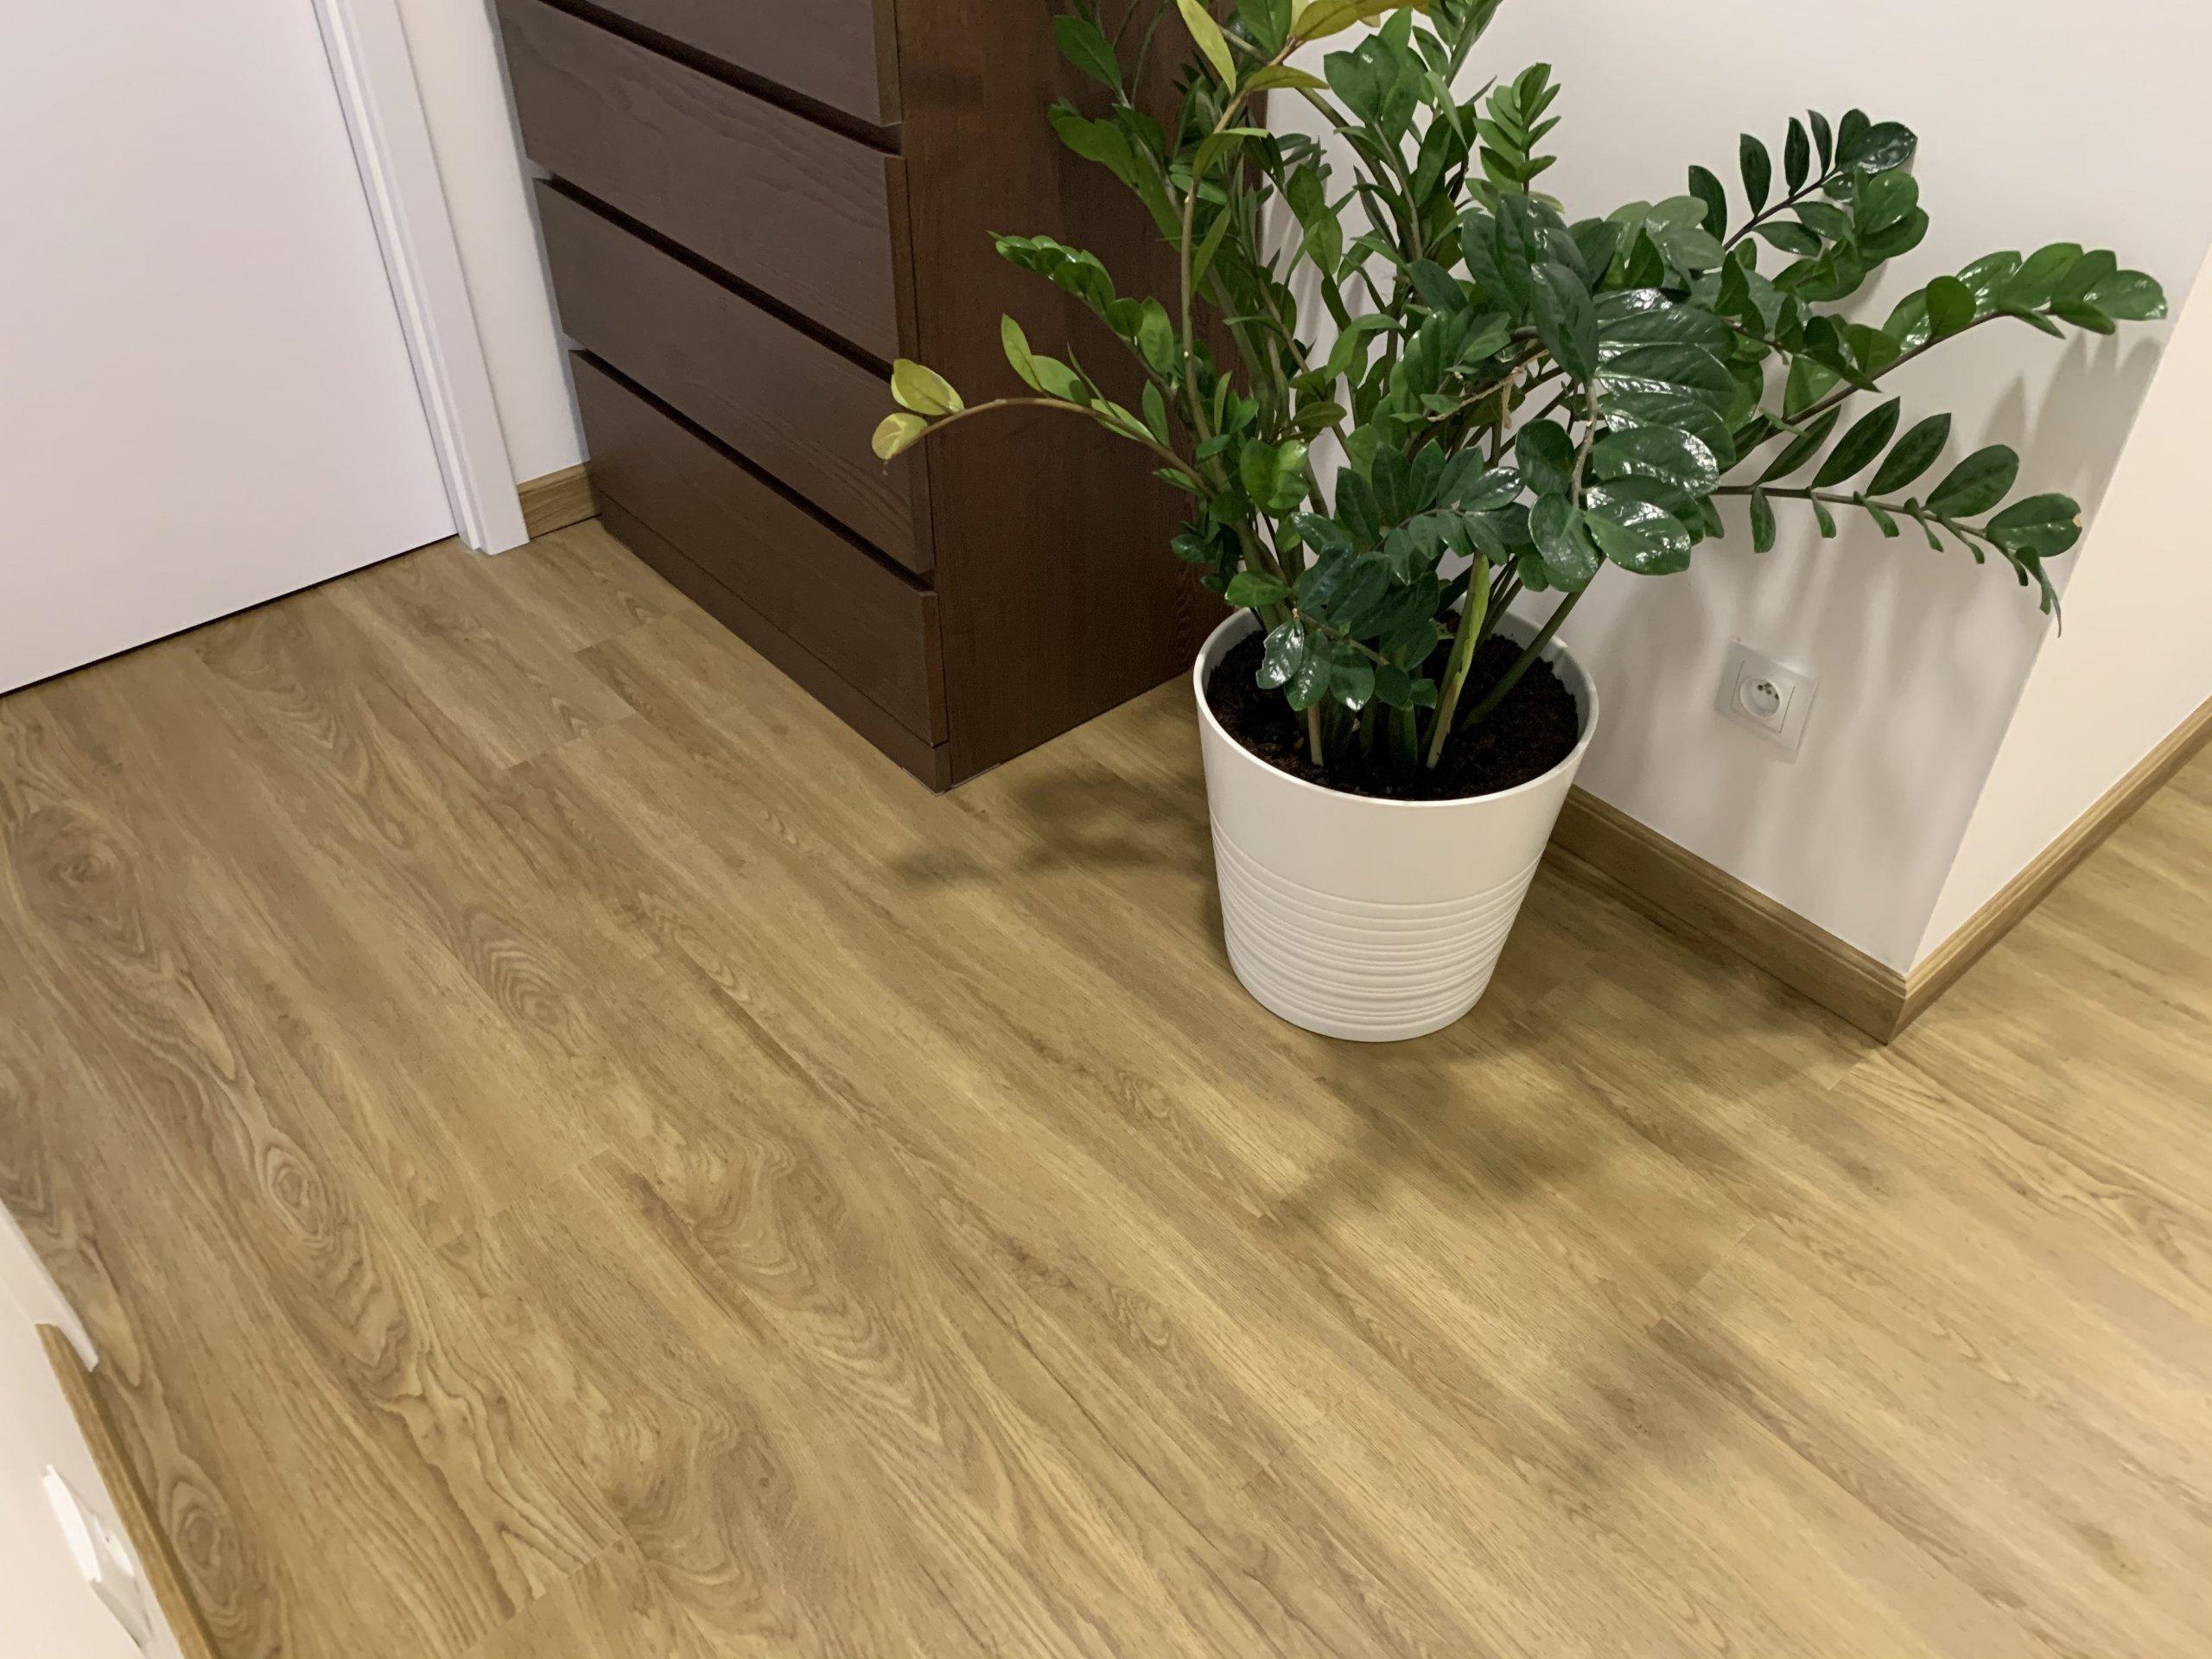 Podlahové plochy téměř v celém domě stejně jako schody jsou pokryty vinylovou podlahou ve stejném dekoru - podlaha BUKOMA PREMIUM CLICK dekor Dub Gladstone…